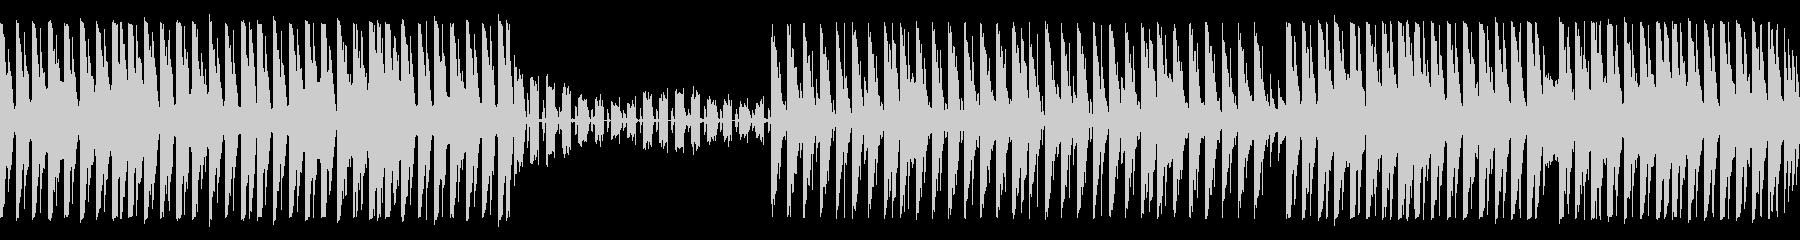 【ループ・Lead抜】可愛らしいEDMの未再生の波形